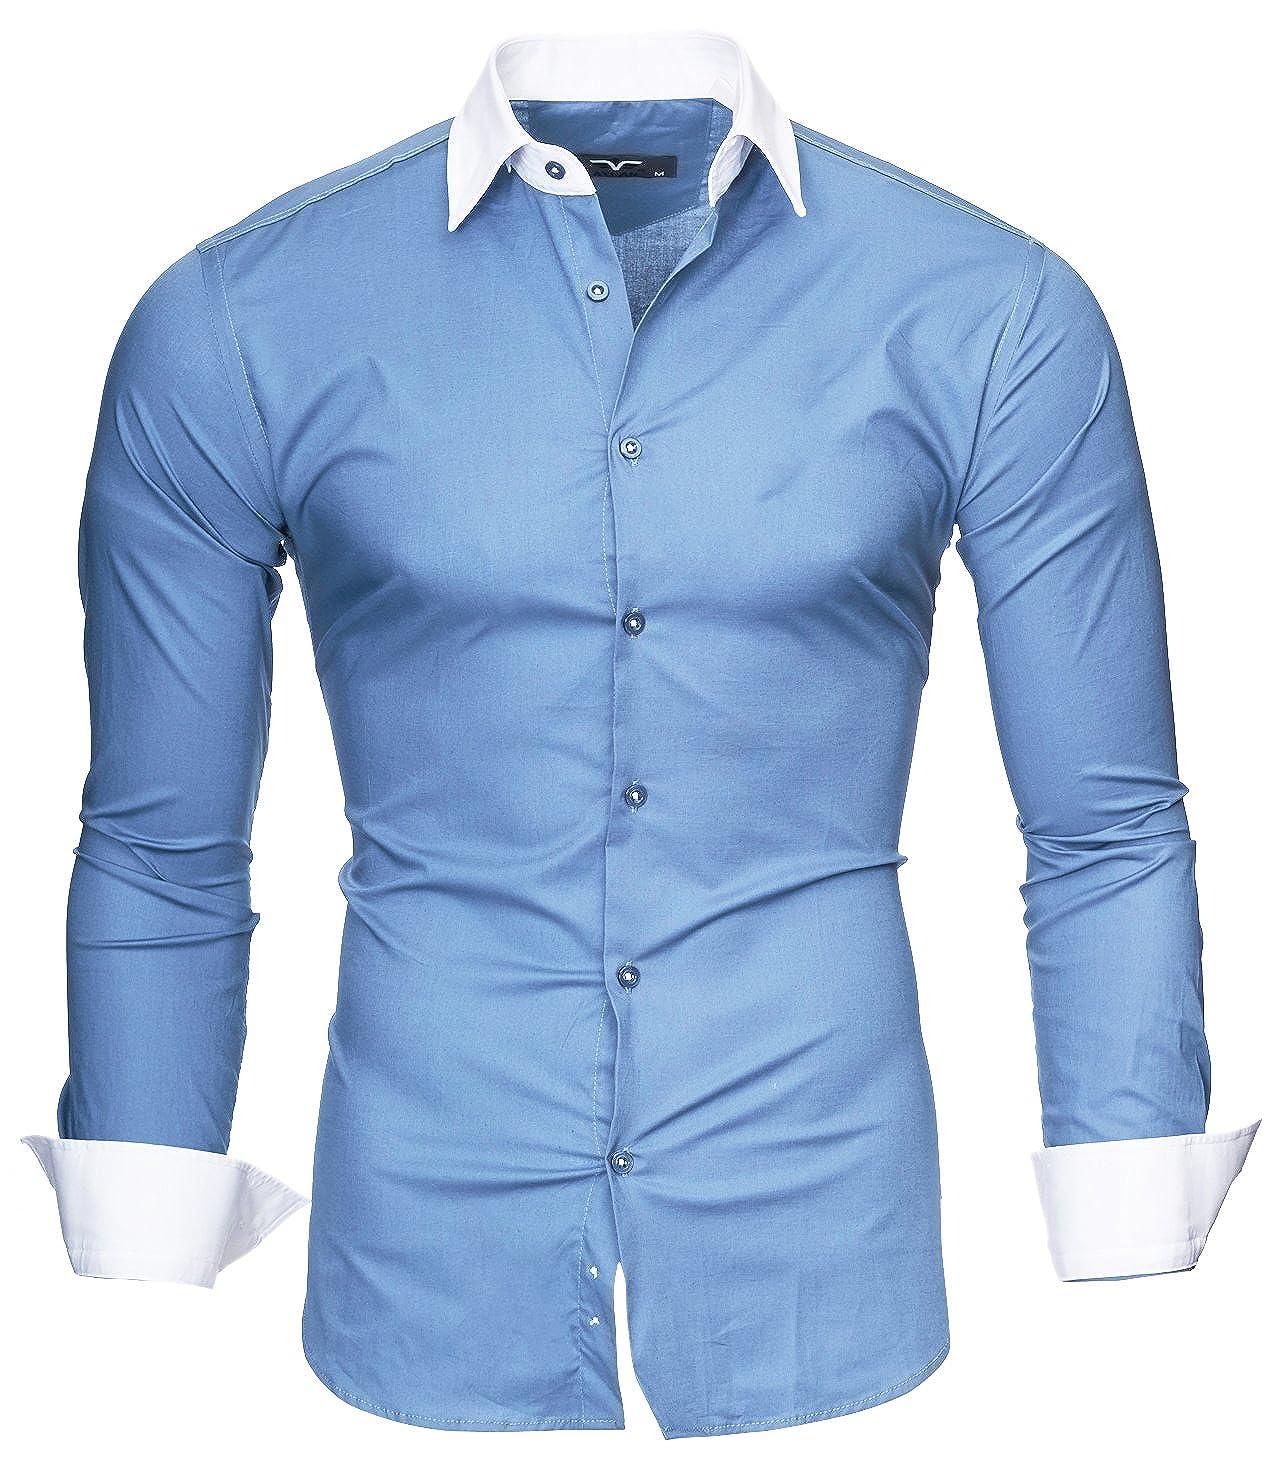 8603fa5f2ea7 Kayhan Originale Uomo Camicia Slim Fit Facile Stiro Cotone Maniche Lungo S  M L XL XXL 2XL -